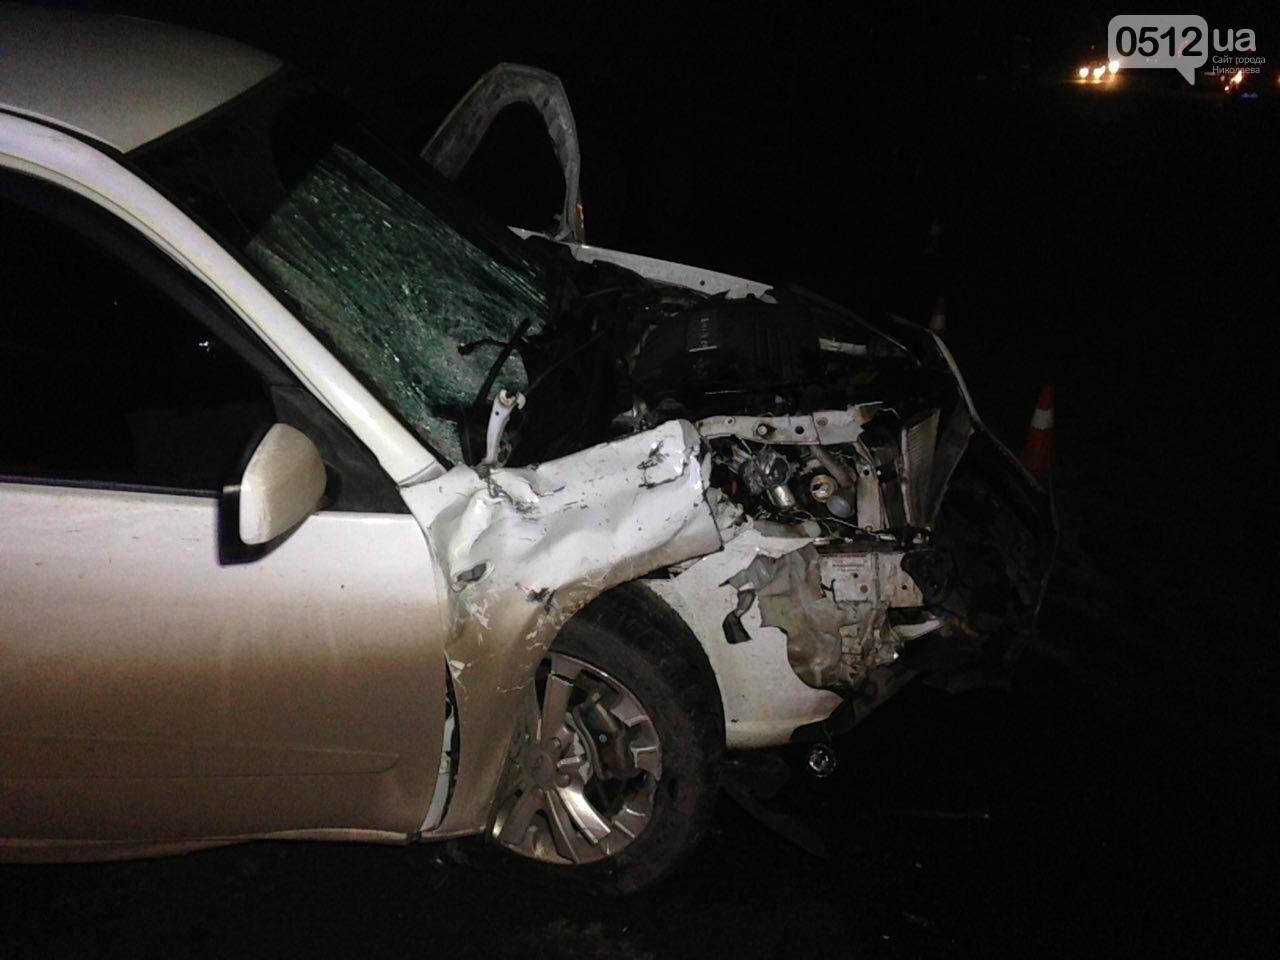 """На въезде в Николаев """"легковушка"""" лоб в лоб столкнулась с грузовиком - есть пострадавшие, - ФОТО, ВИДЕО, фото-11"""